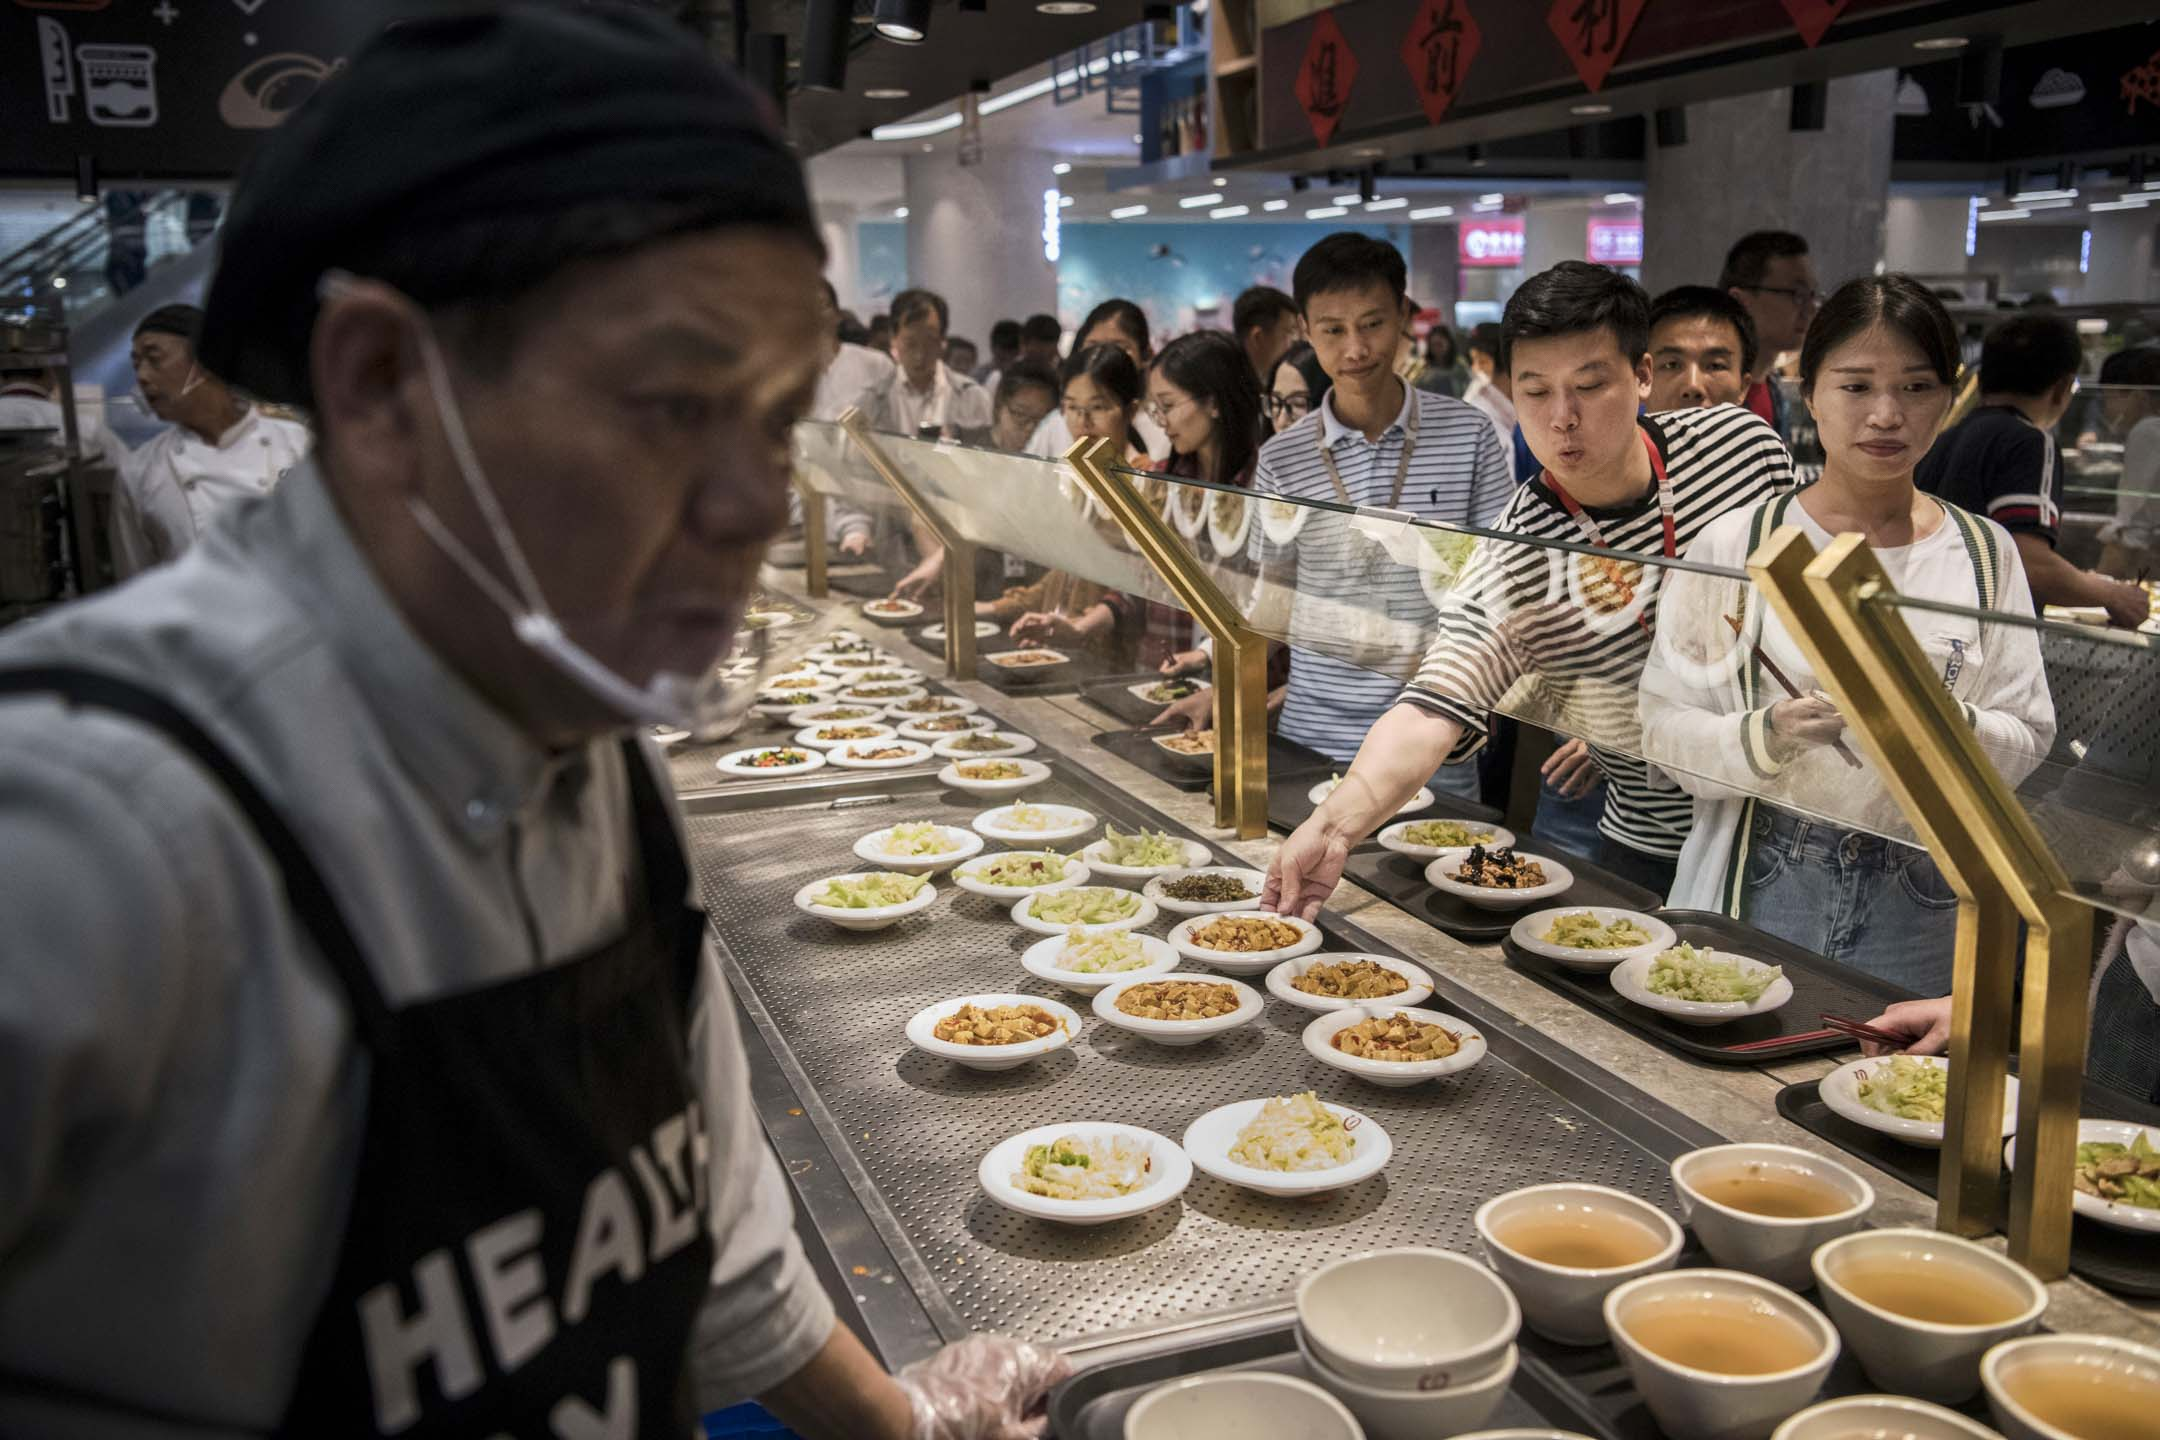 2019年4月12日,在中國深圳華為總部,員工在自助餐廳排隊等候午餐。 攝:Kevin Frayer/Getty Images